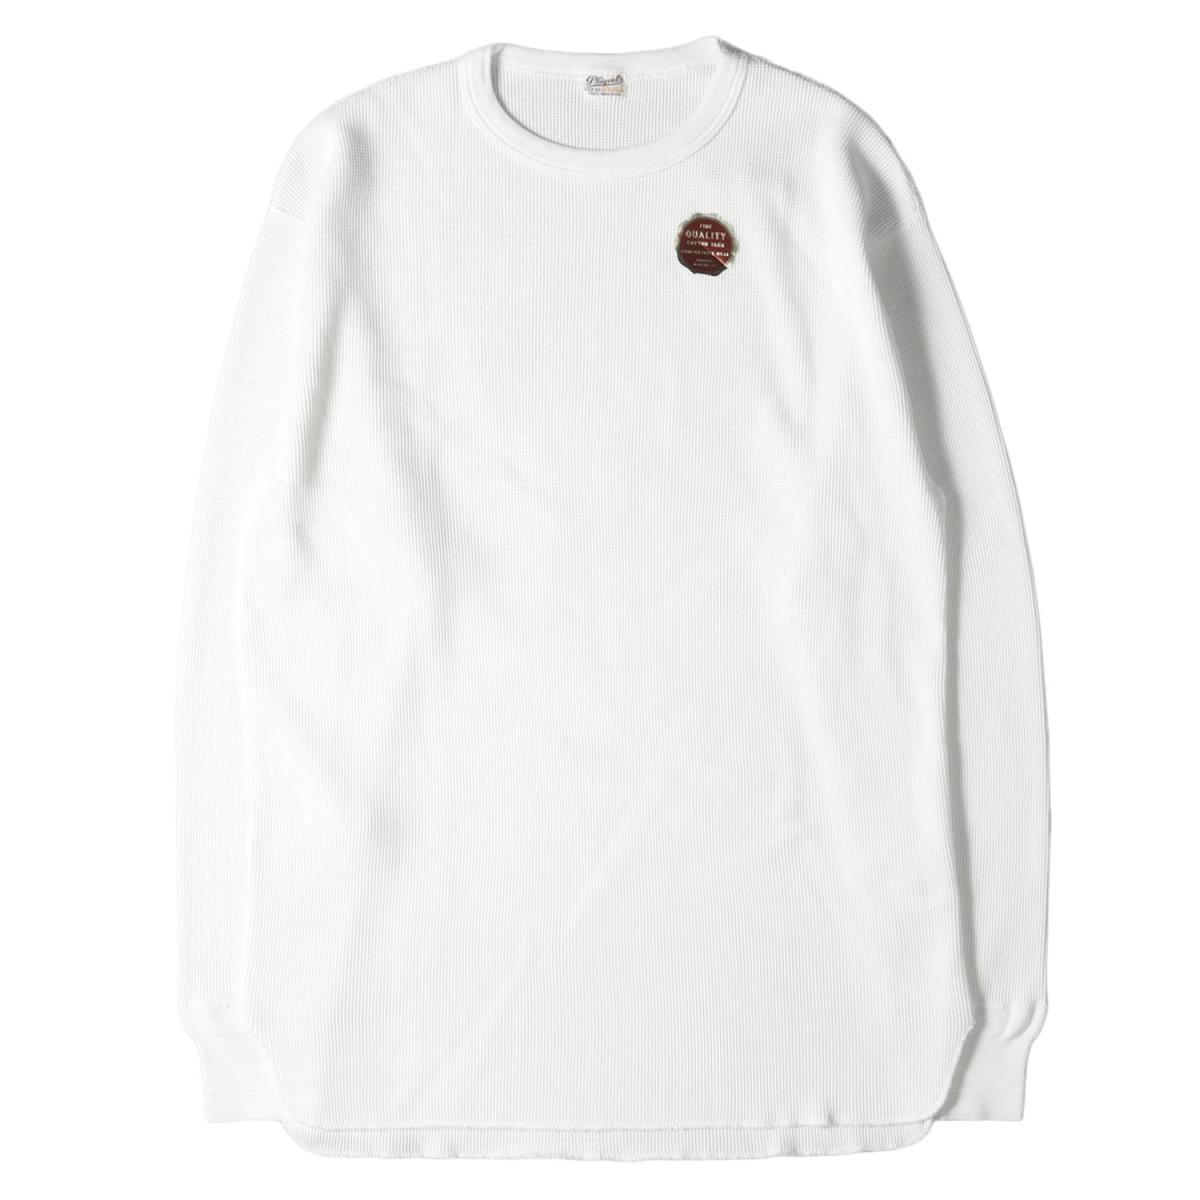 トップス, Tシャツ・カットソー PHIGVEL T T WAFFLE LS TOP 21SS 42(4) K3127